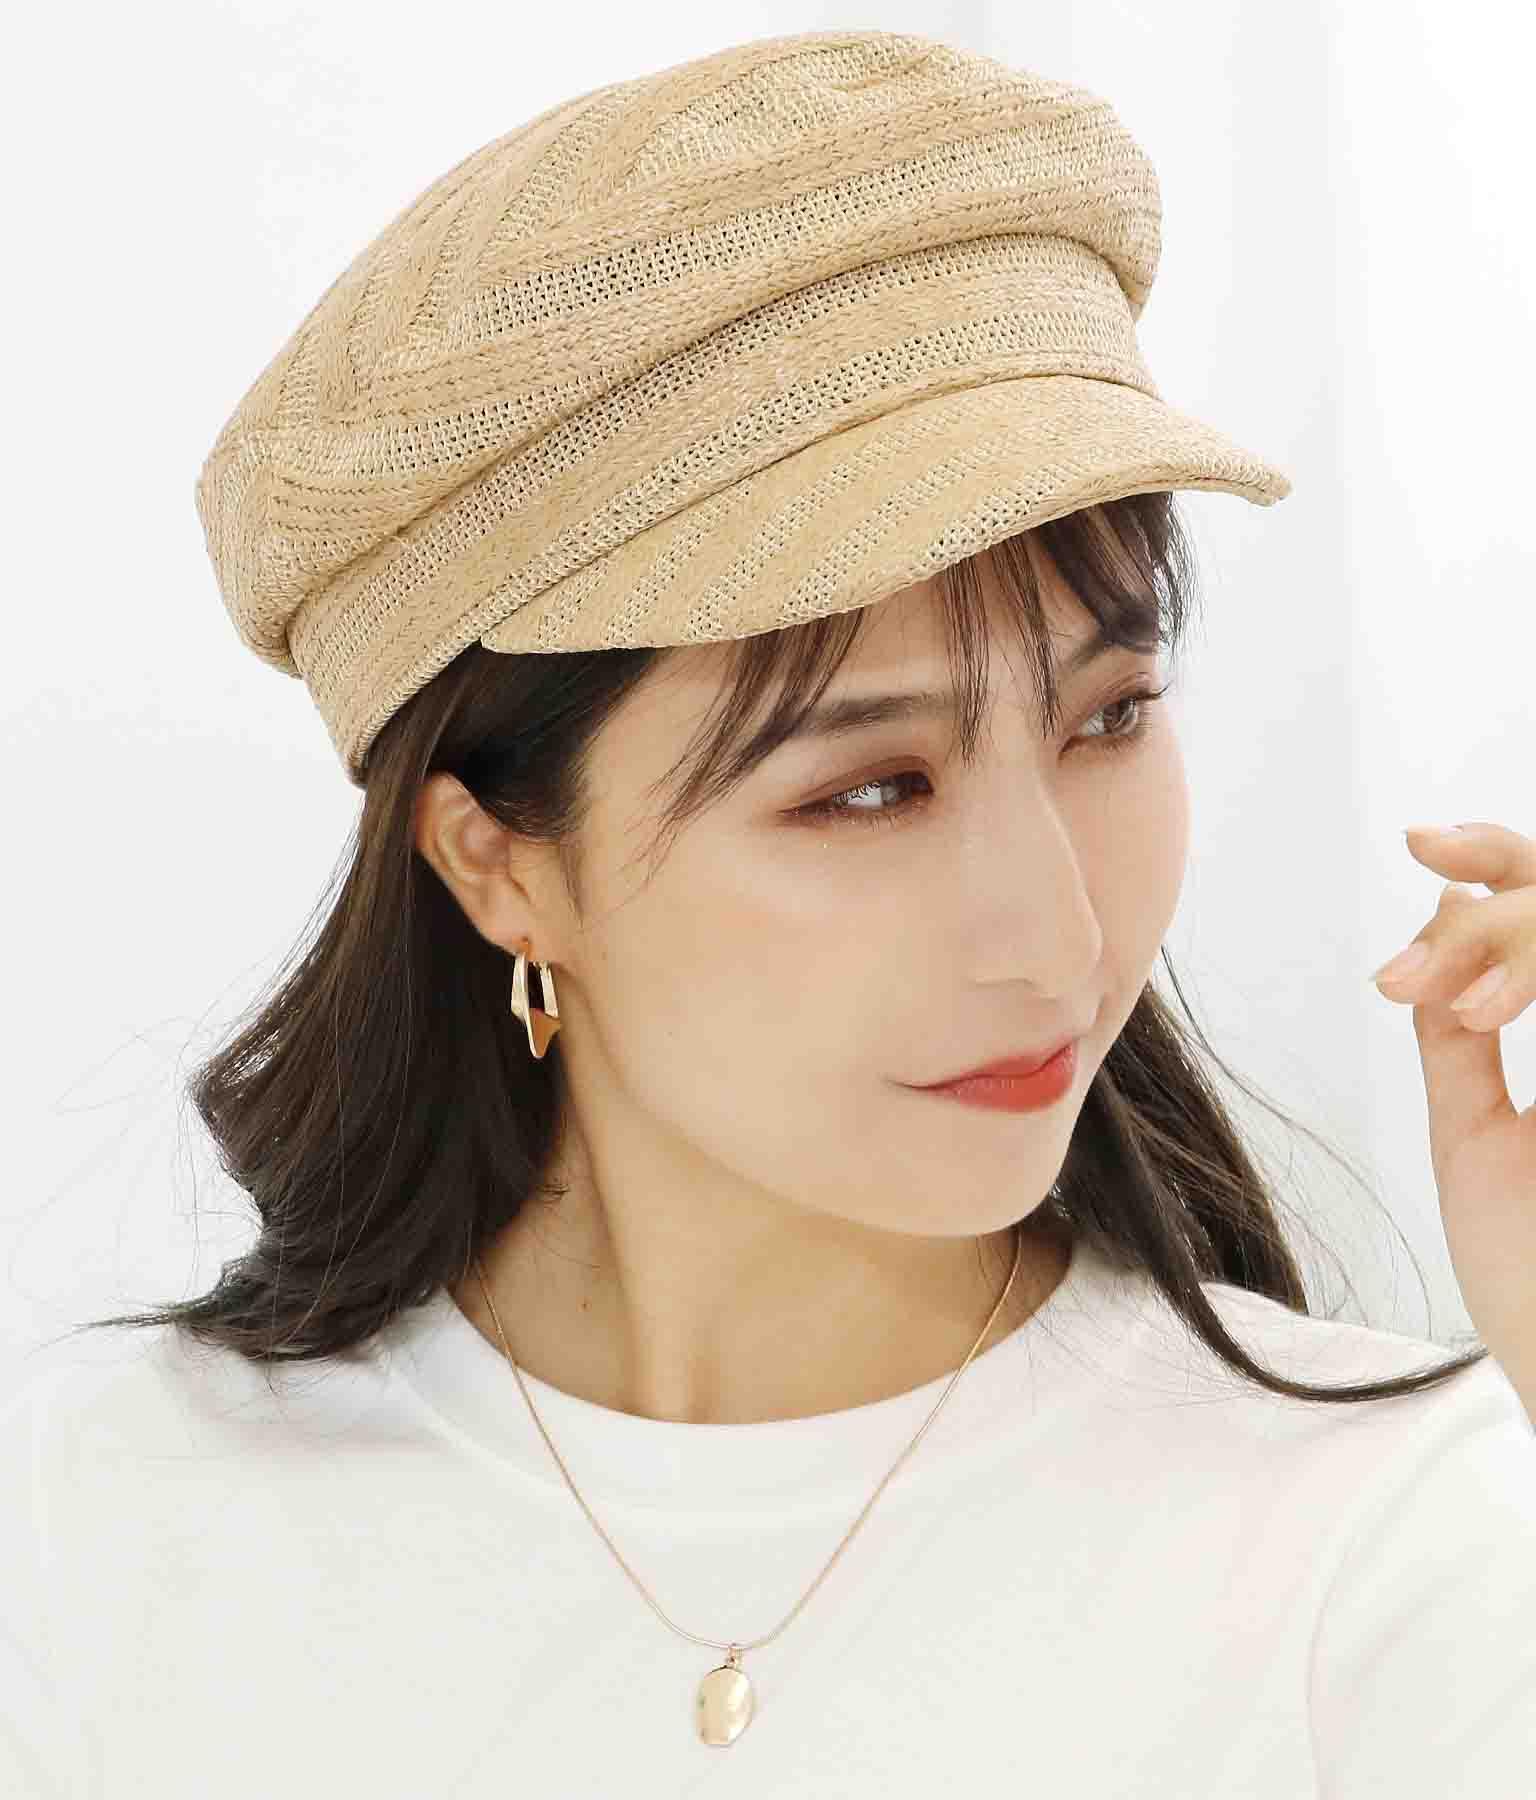 ストライプ模様入りキャスケット(ファッション雑貨/ハット・キャップ・ニット帽 ・キャスケット・ベレー帽) | CHILLE